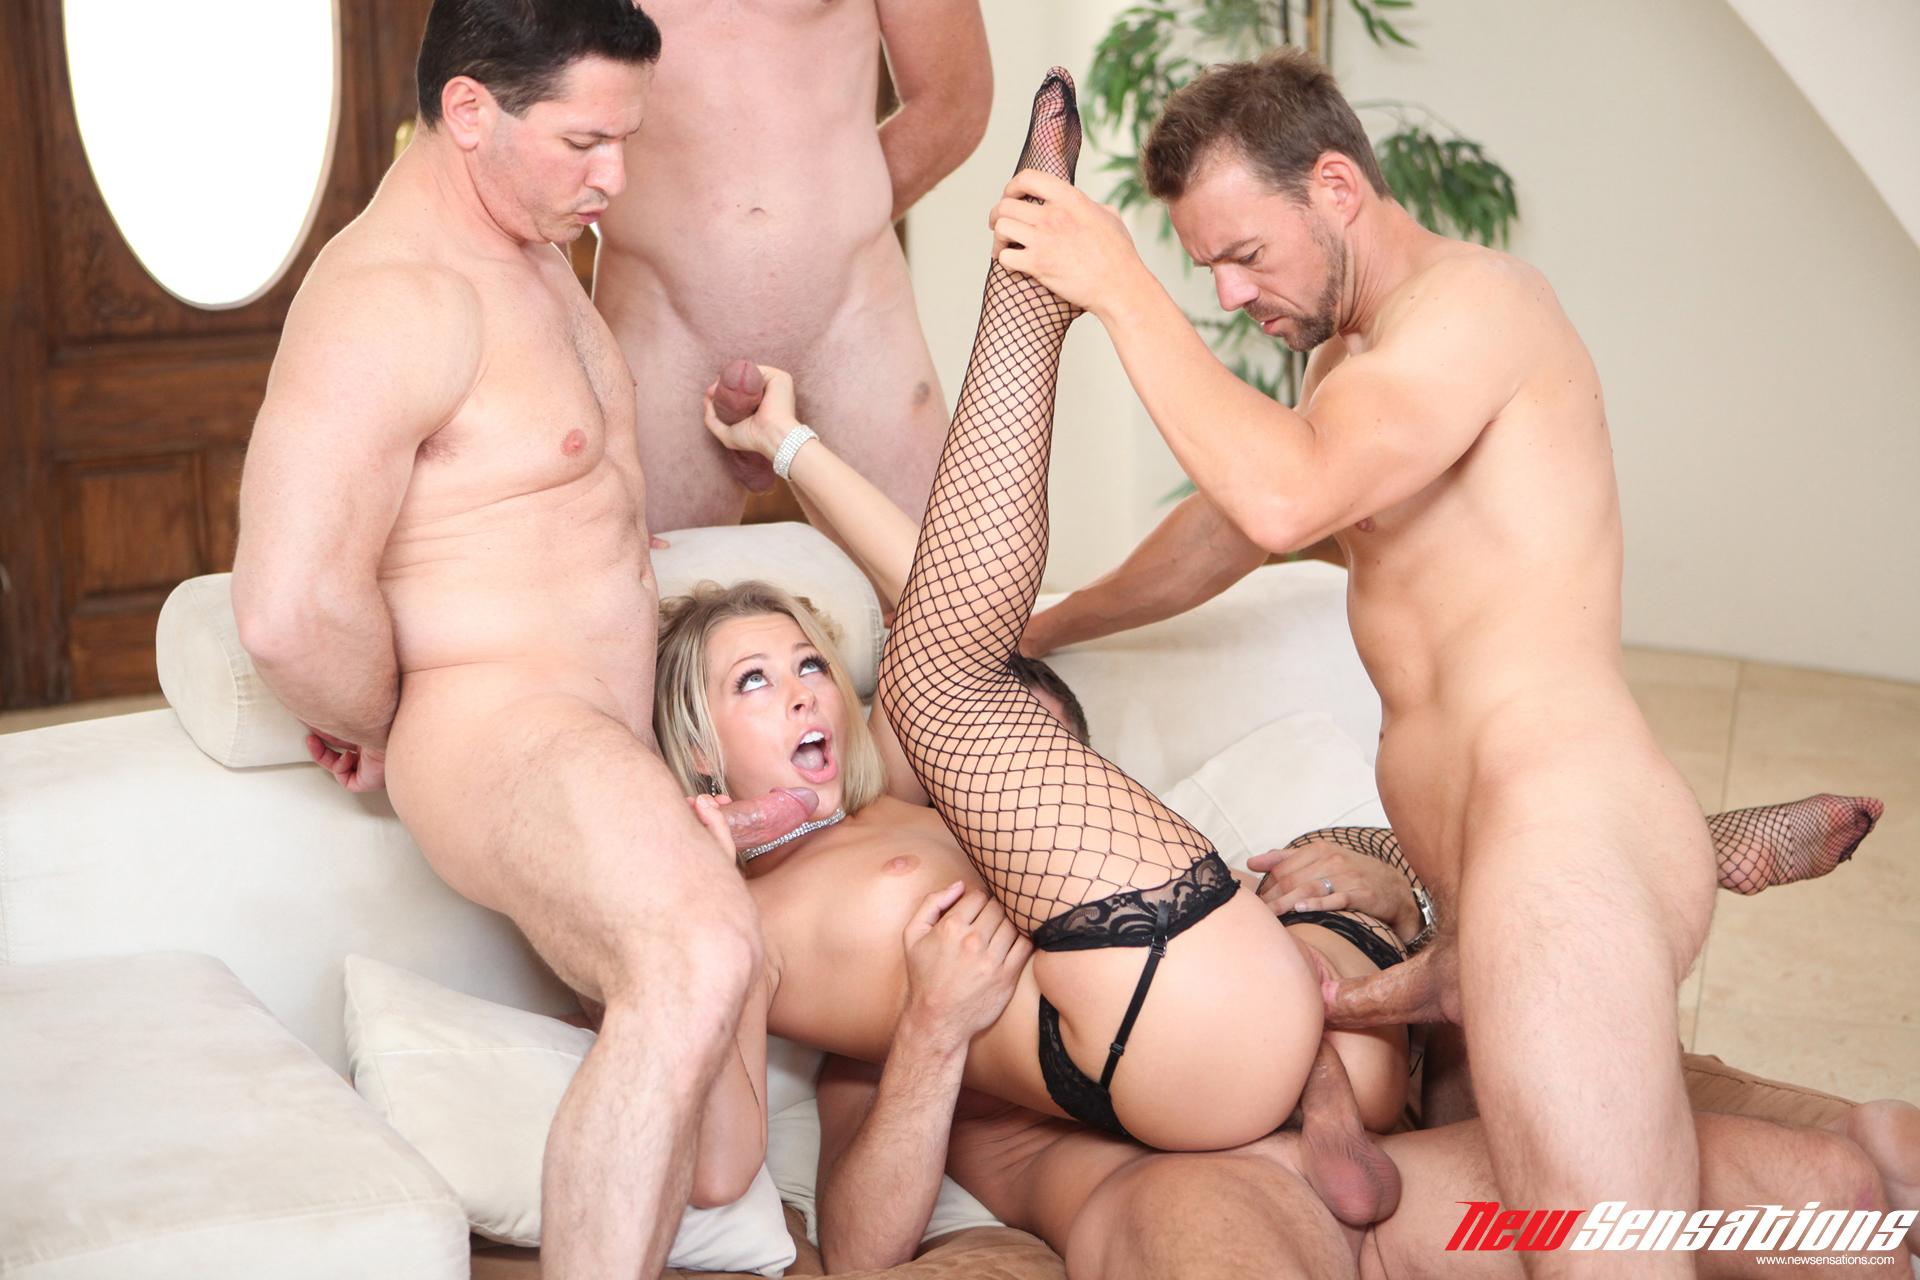 4 Porn Ganbang zoey monroe - 4 men and a little lady lynxxx xxx porn tgp